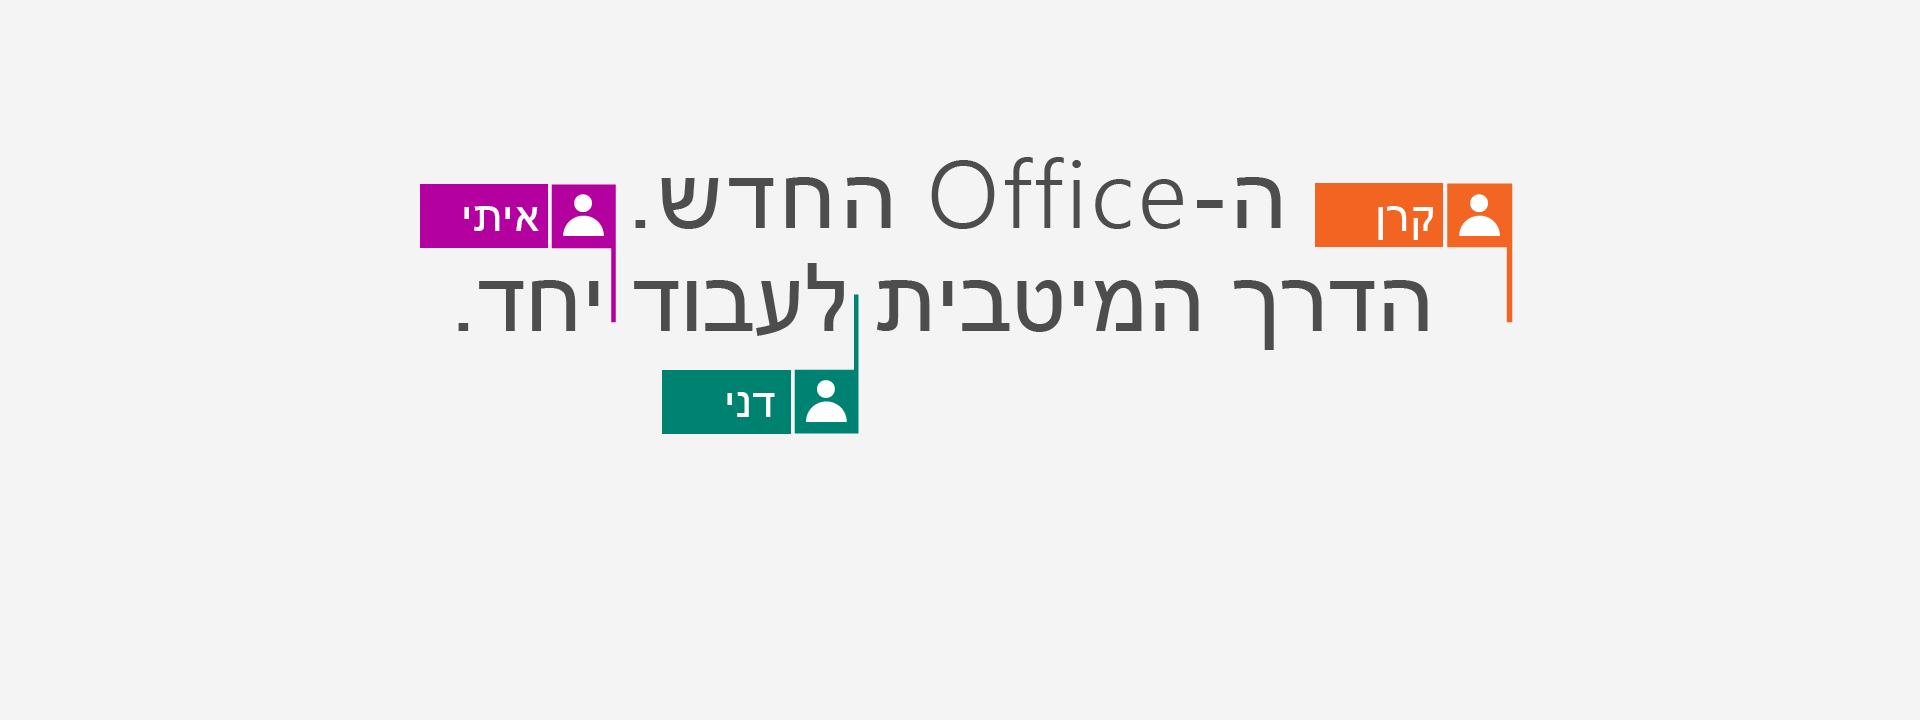 קנה את Office 365 וקבל את אפליקציות 2016 החדשות.